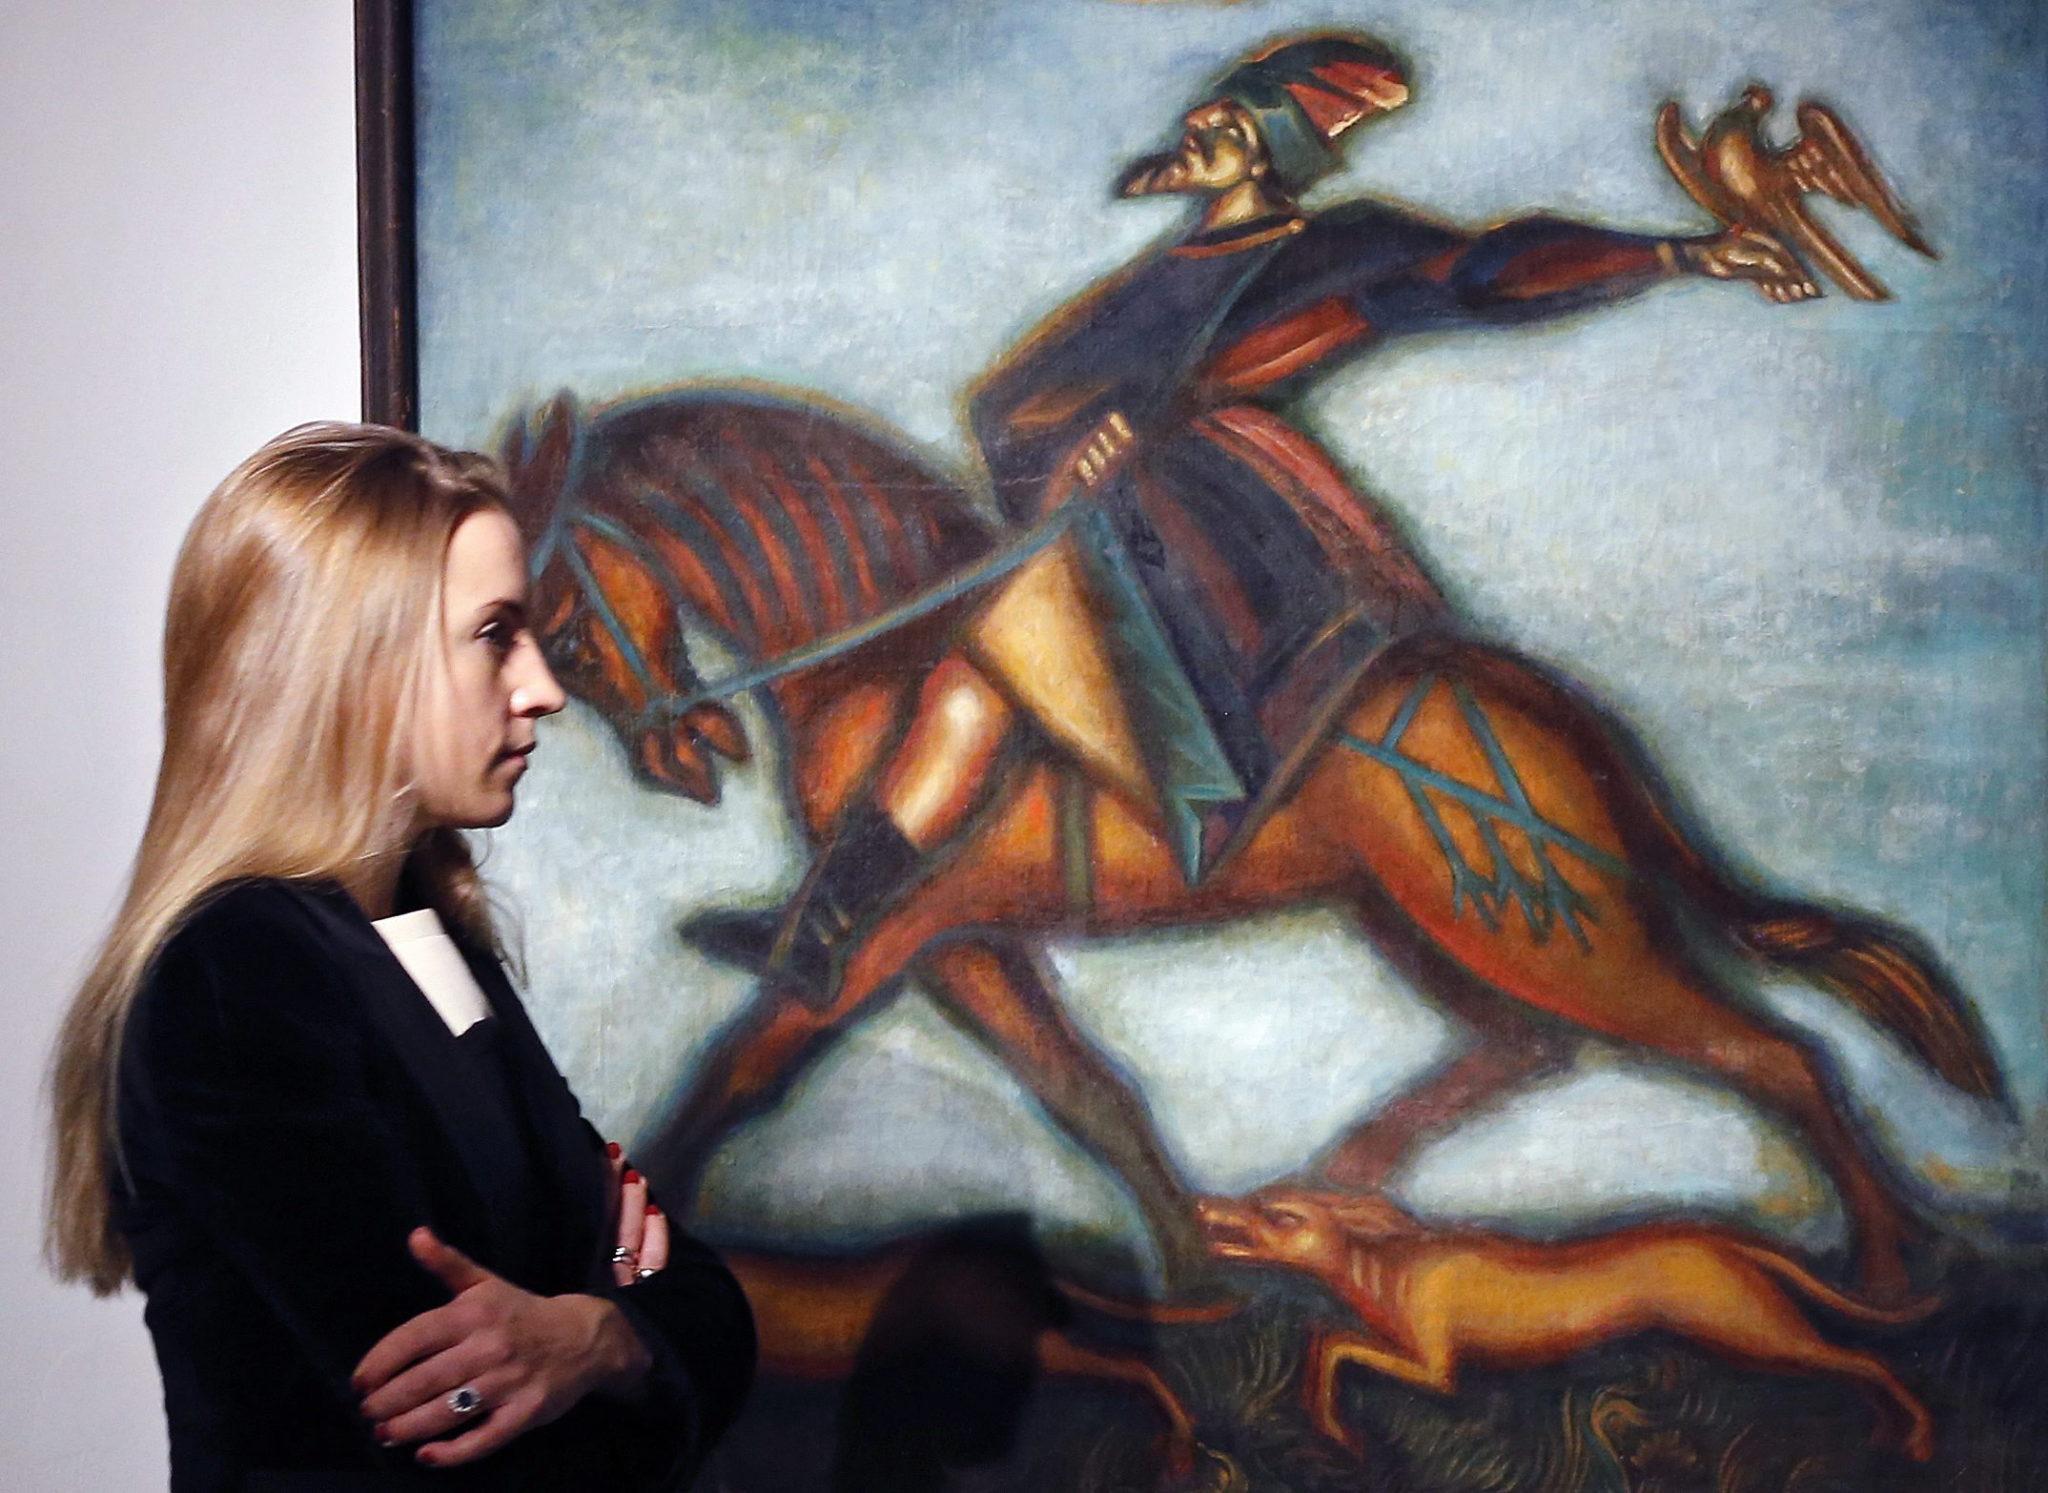 Rosja: aukcja rosyjskich dzieł sztuki w Moskwie. Na zdjęciu obraz Dimitri'ego Stelletsky (foto. PAP/EPA/YURI KOCHETKOV)